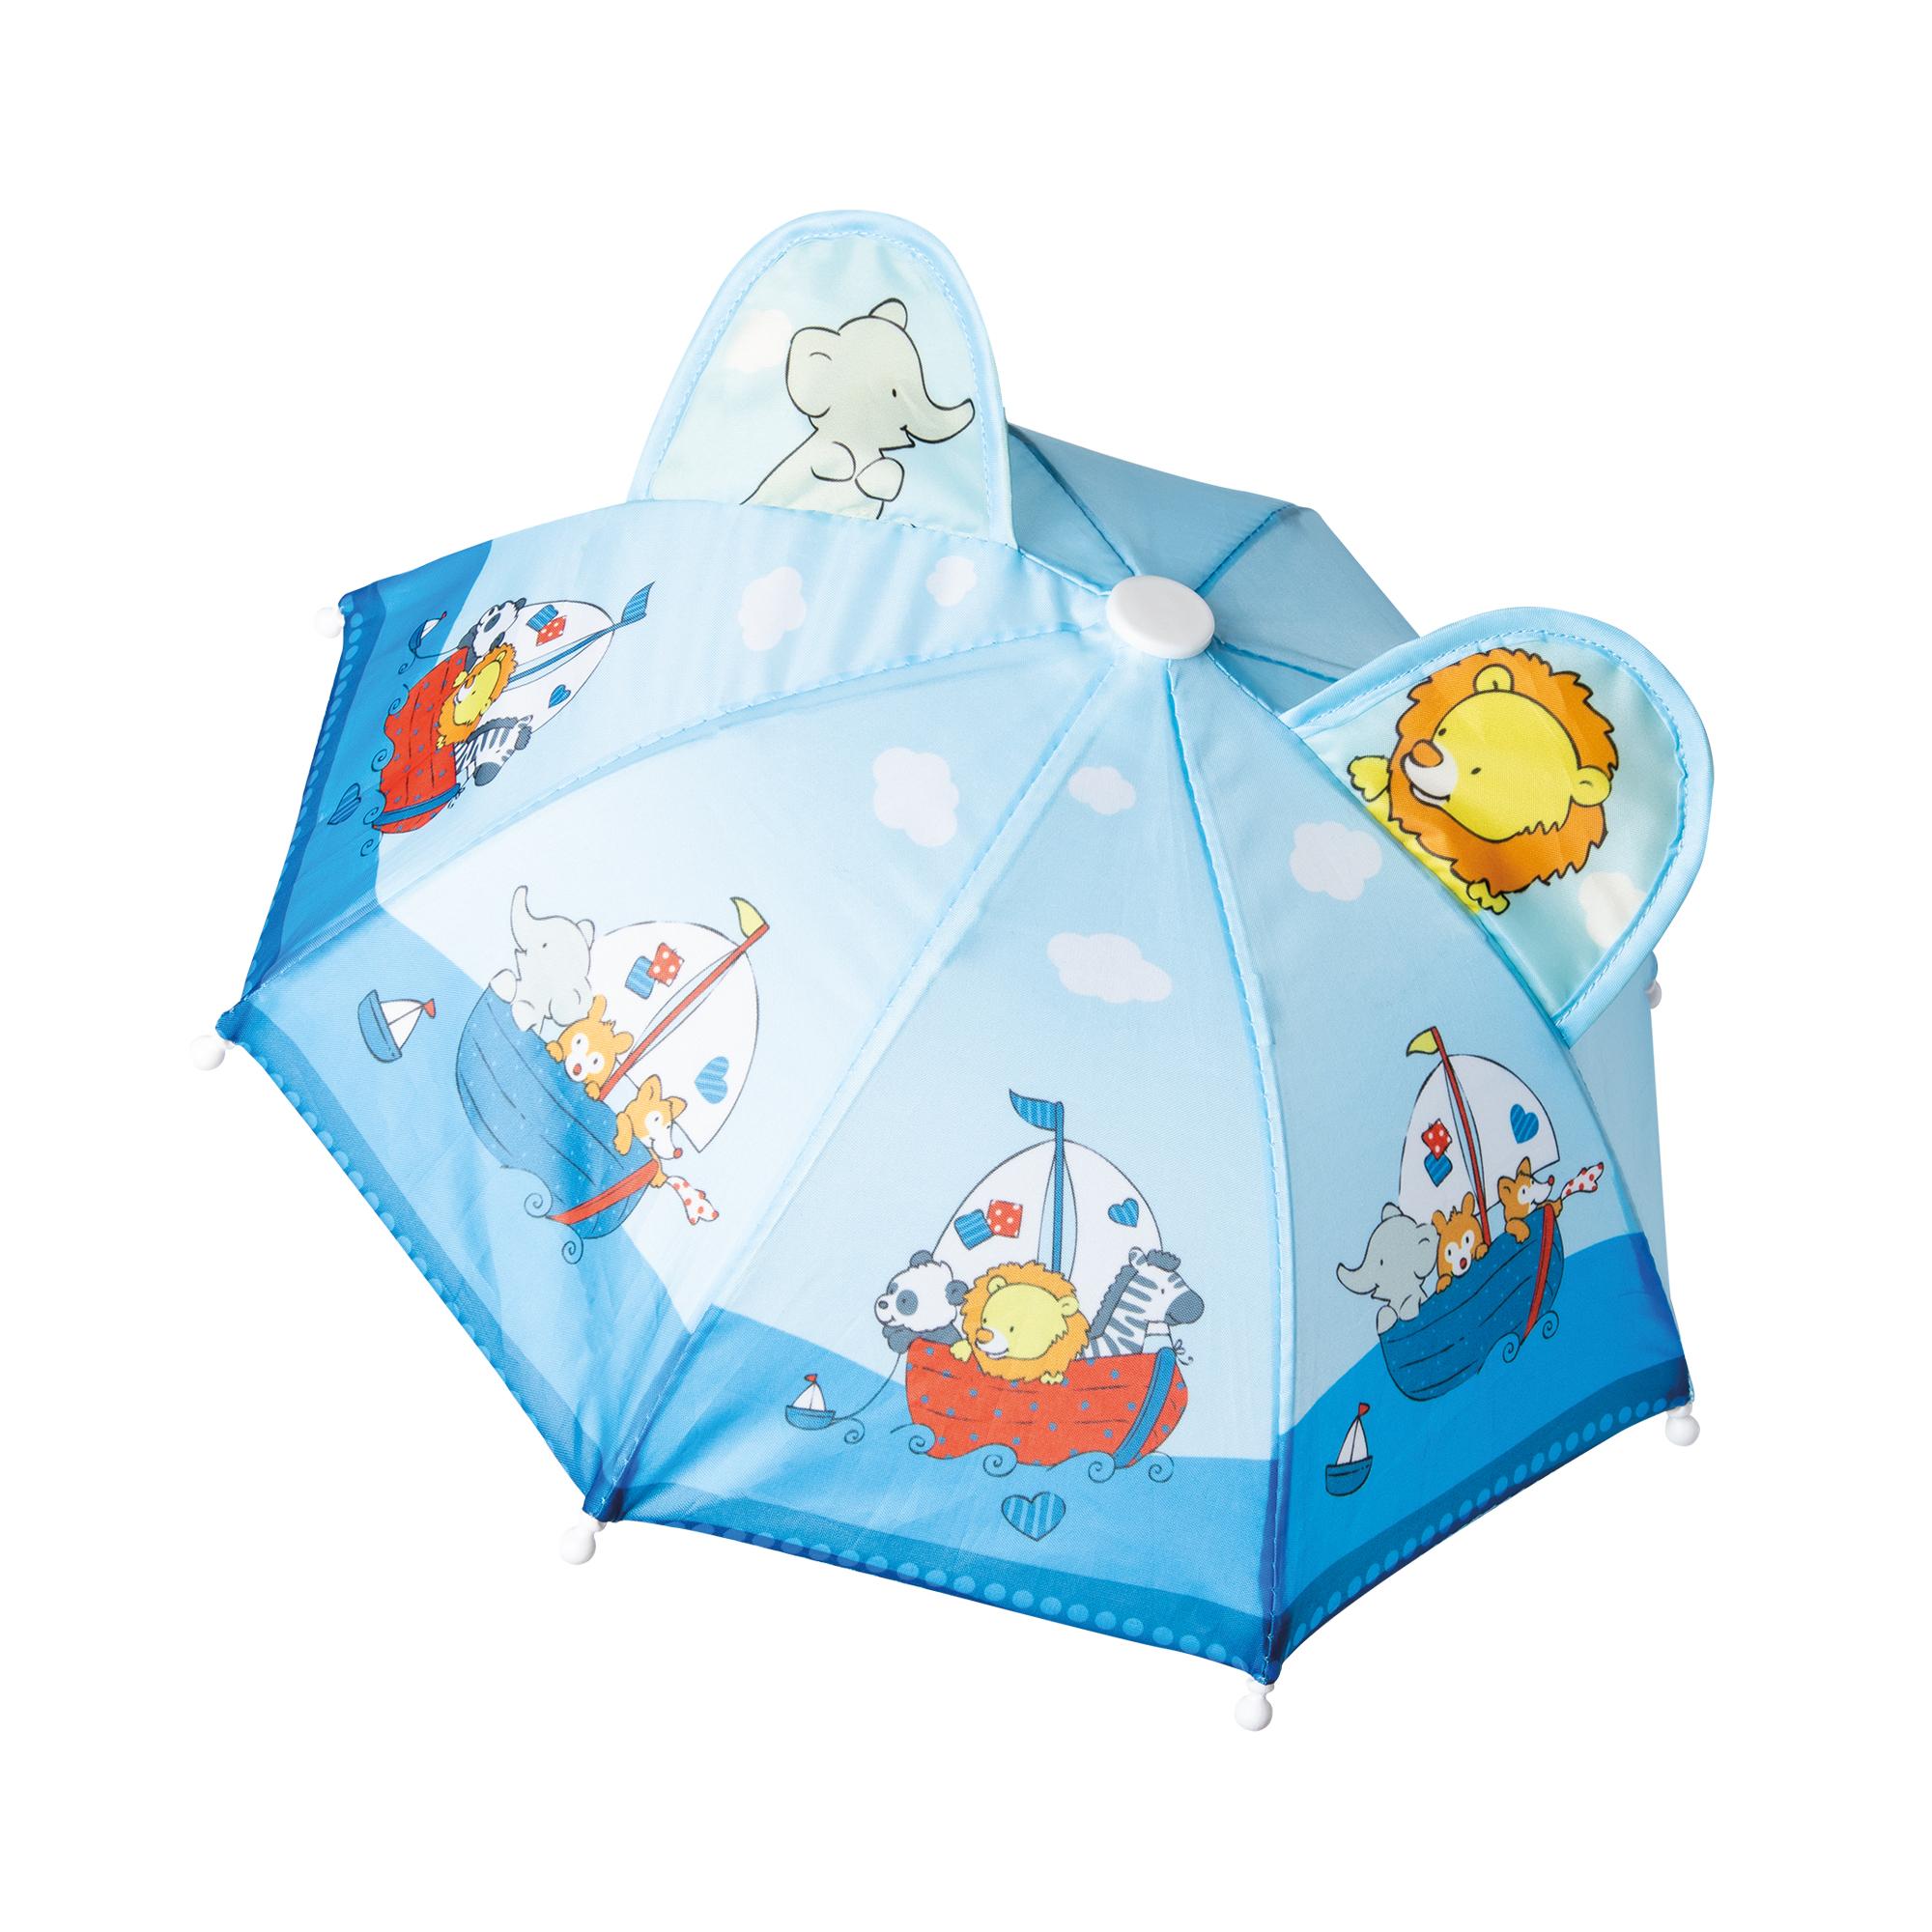 Regencape mit Puppenschirm und Regenstiefeln, Gr. 28-35 cm